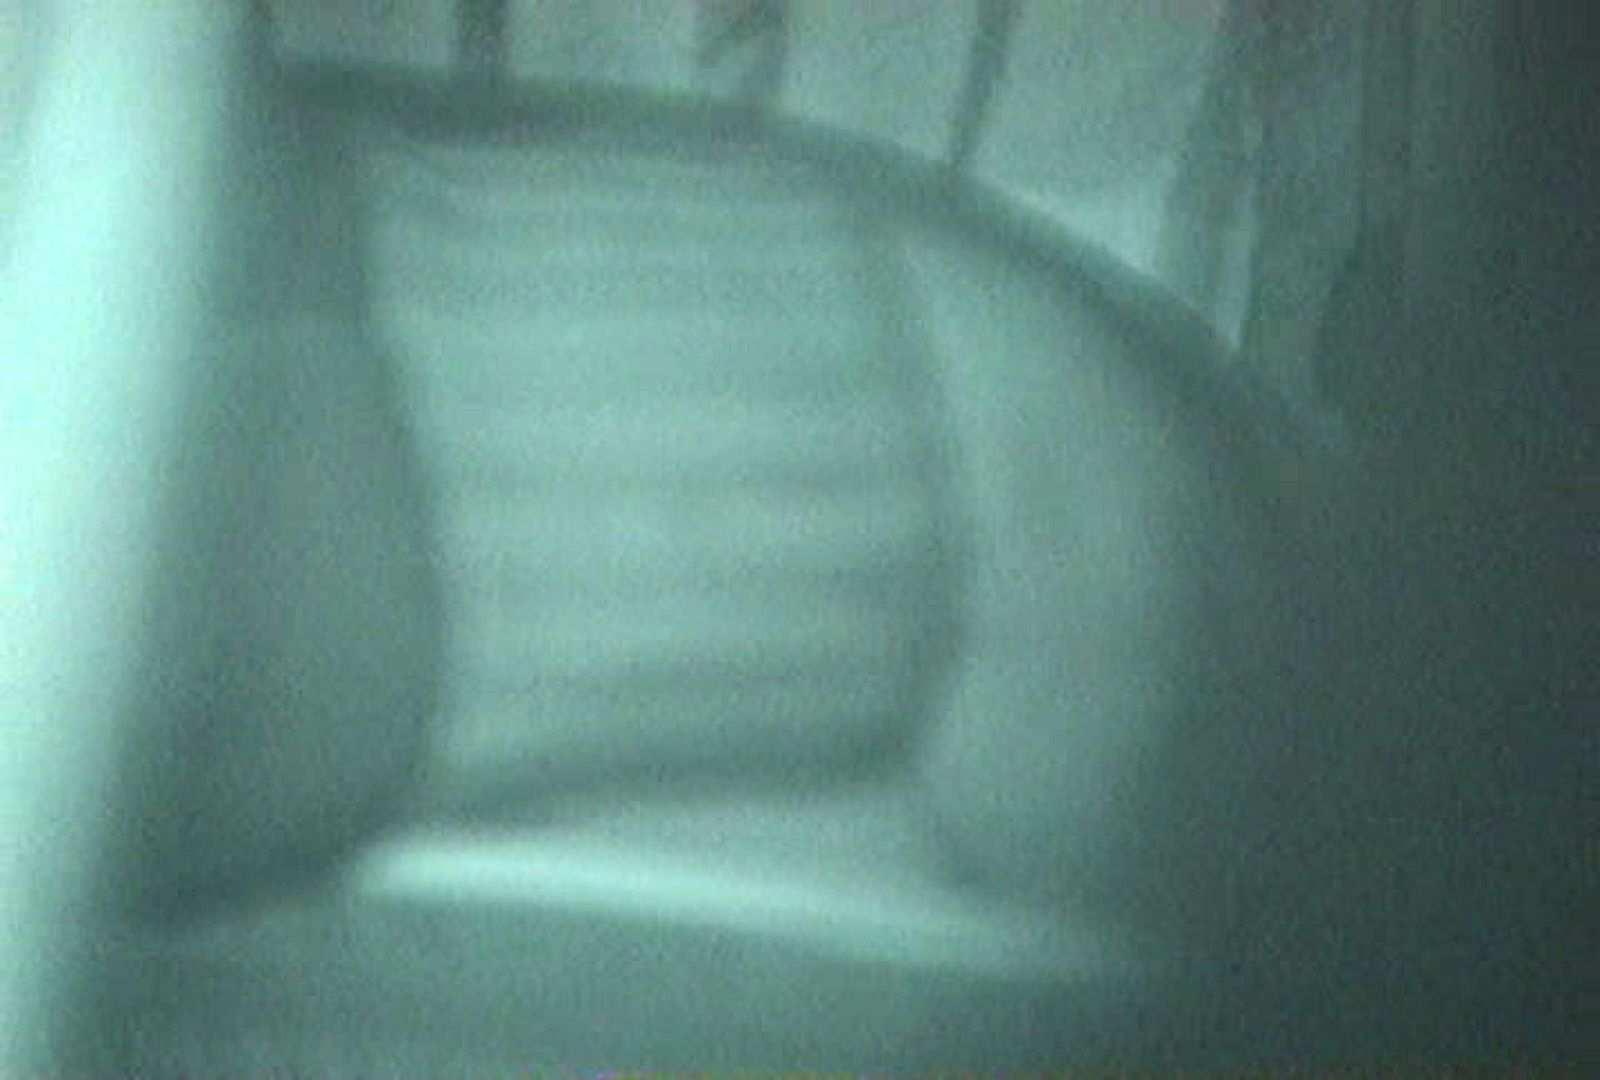 充血監督の深夜の運動会Vol.112 カップルのセックス 性交動画流出 107PIX 4